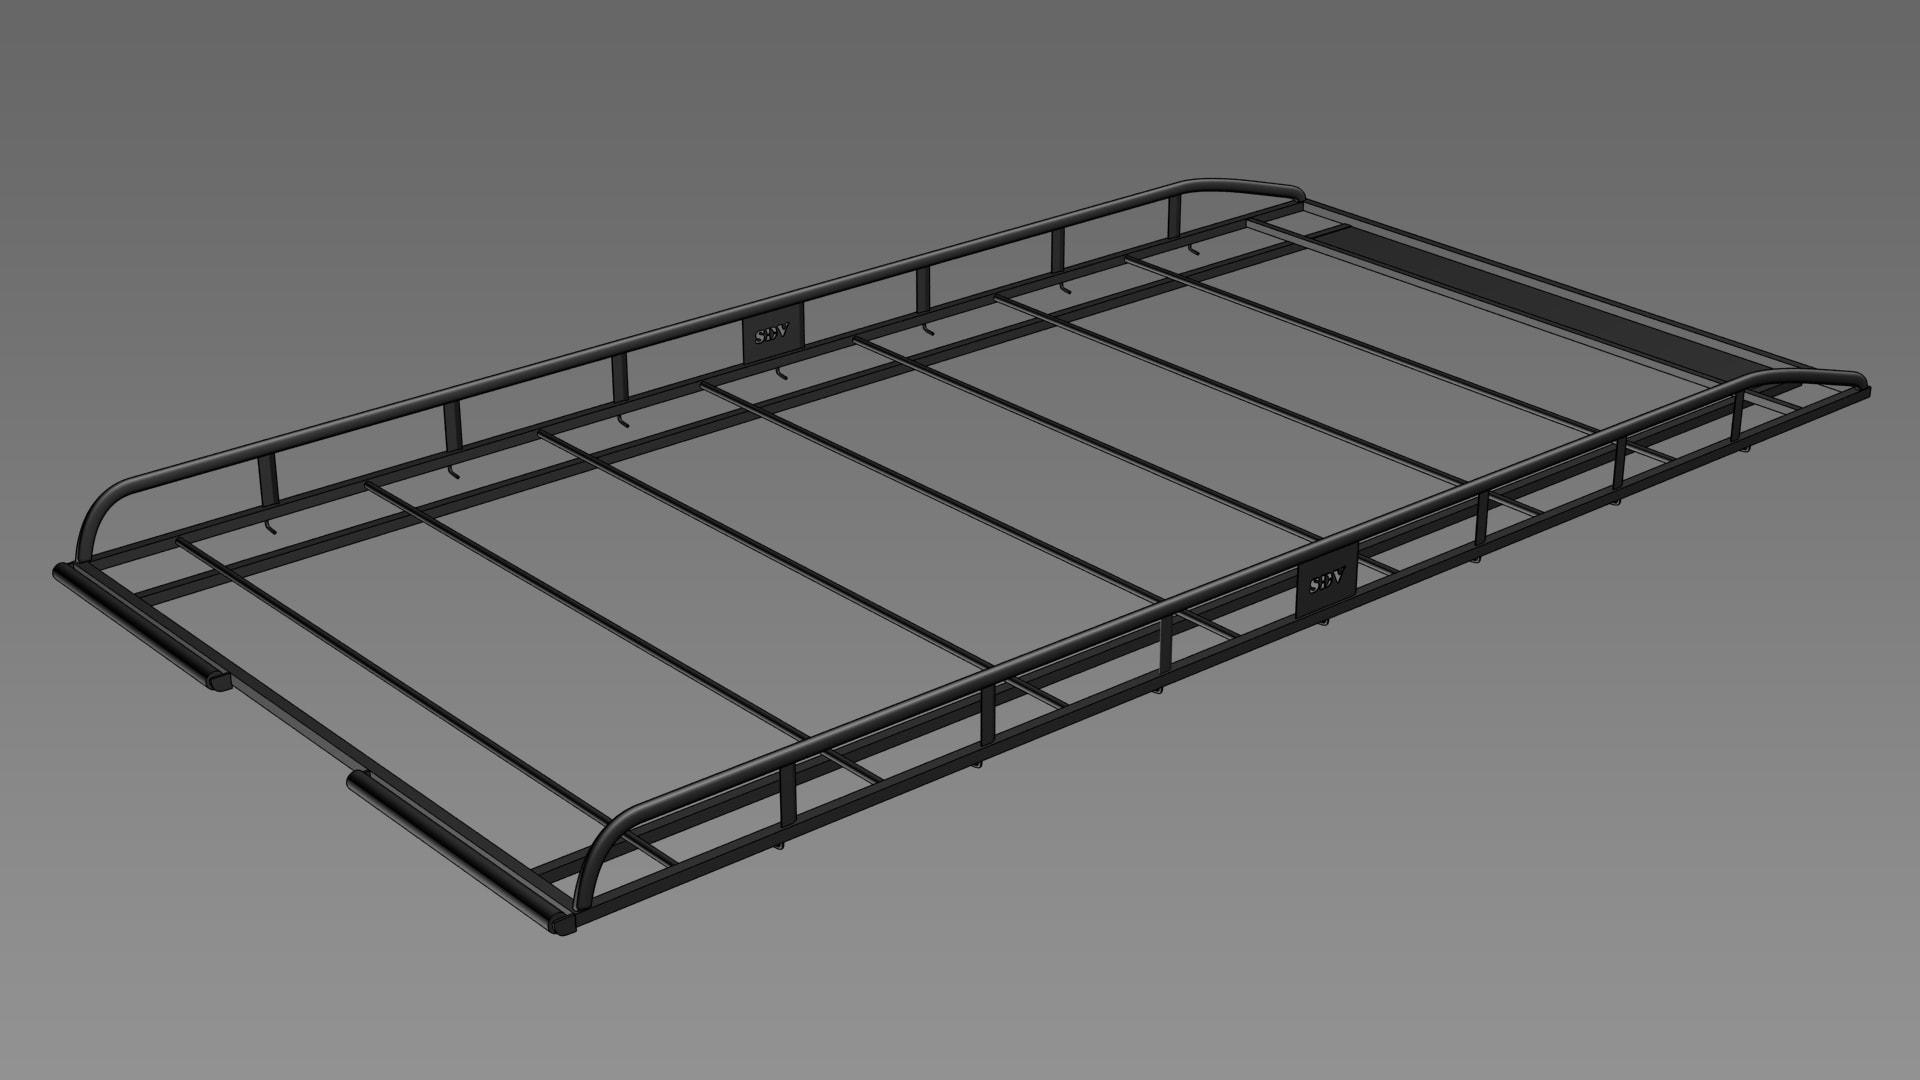 SDV Roof Racks